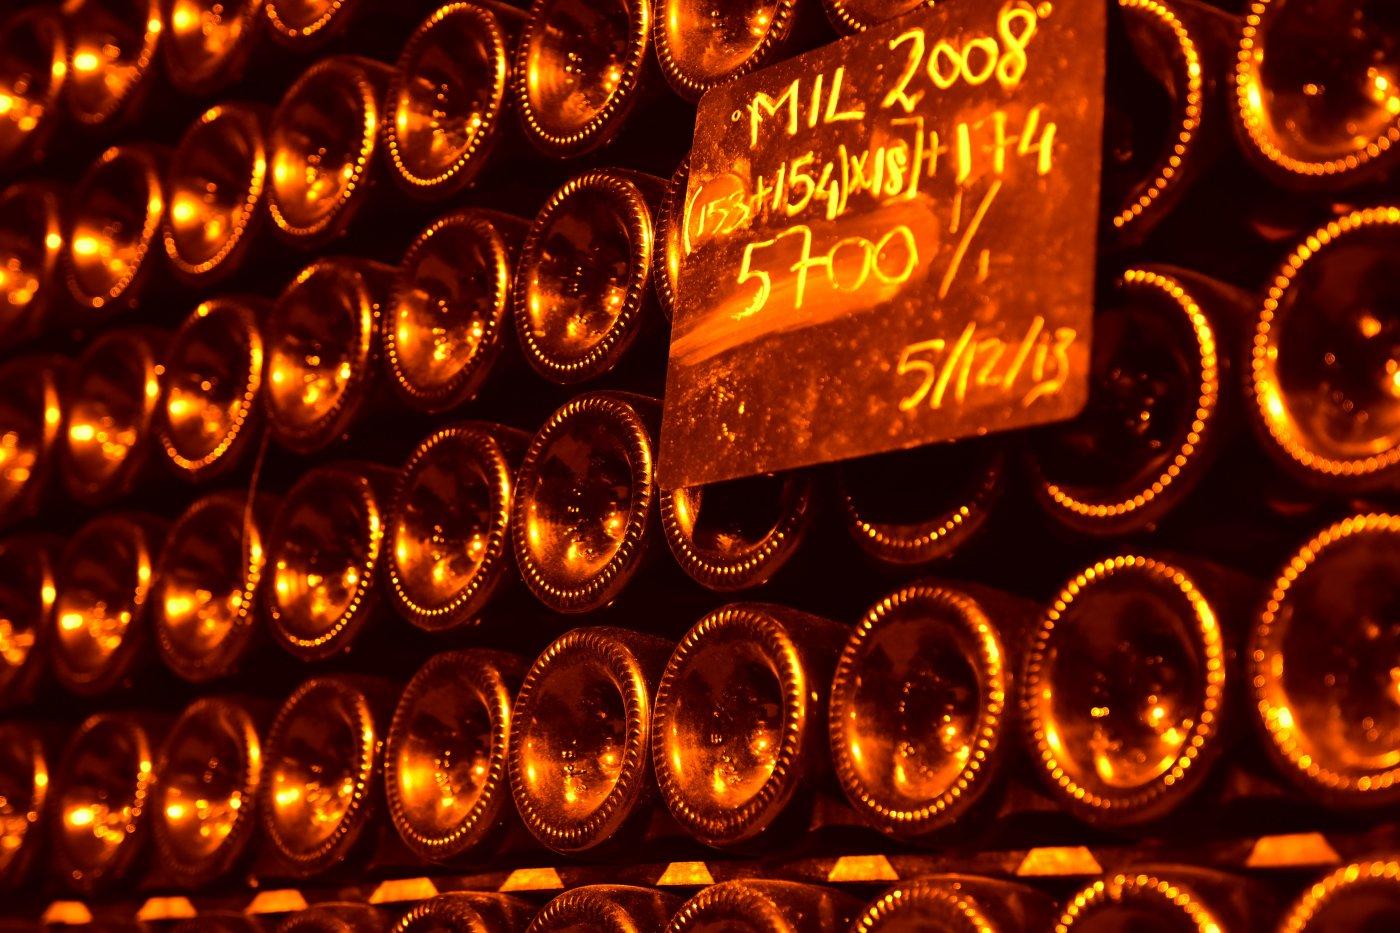 champagne-michel-fagot-a-rilly-montagne-laisser-aux-vignes-temps-d-affirmer-personnalite